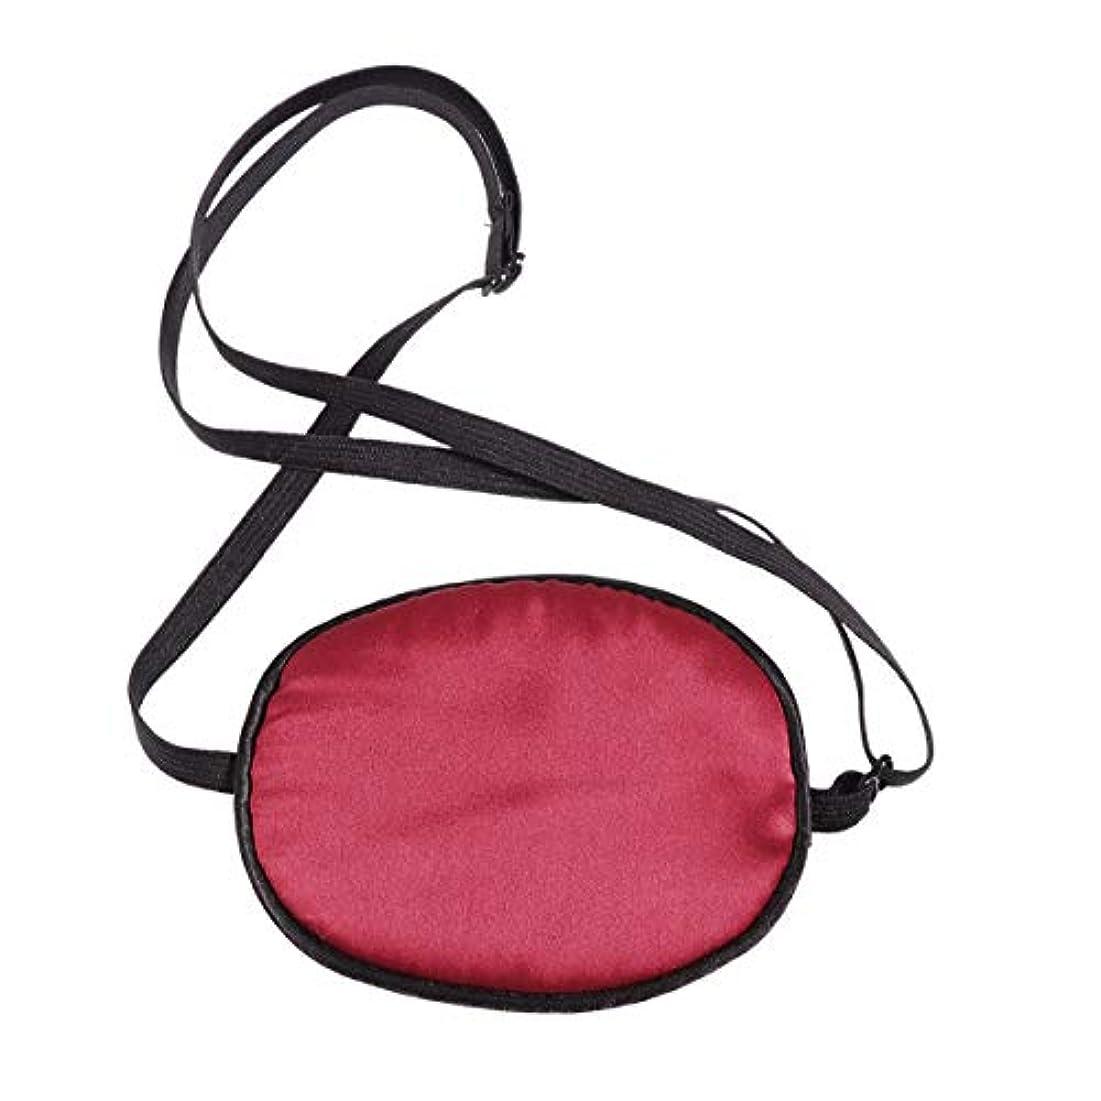 すぐに段階請うHEALIFTY 睡眠の目隠し調節可能な絹の海賊目のパッチ子供の弱視のためのソフトで快適な単一の目のマスク正面の怠惰な目